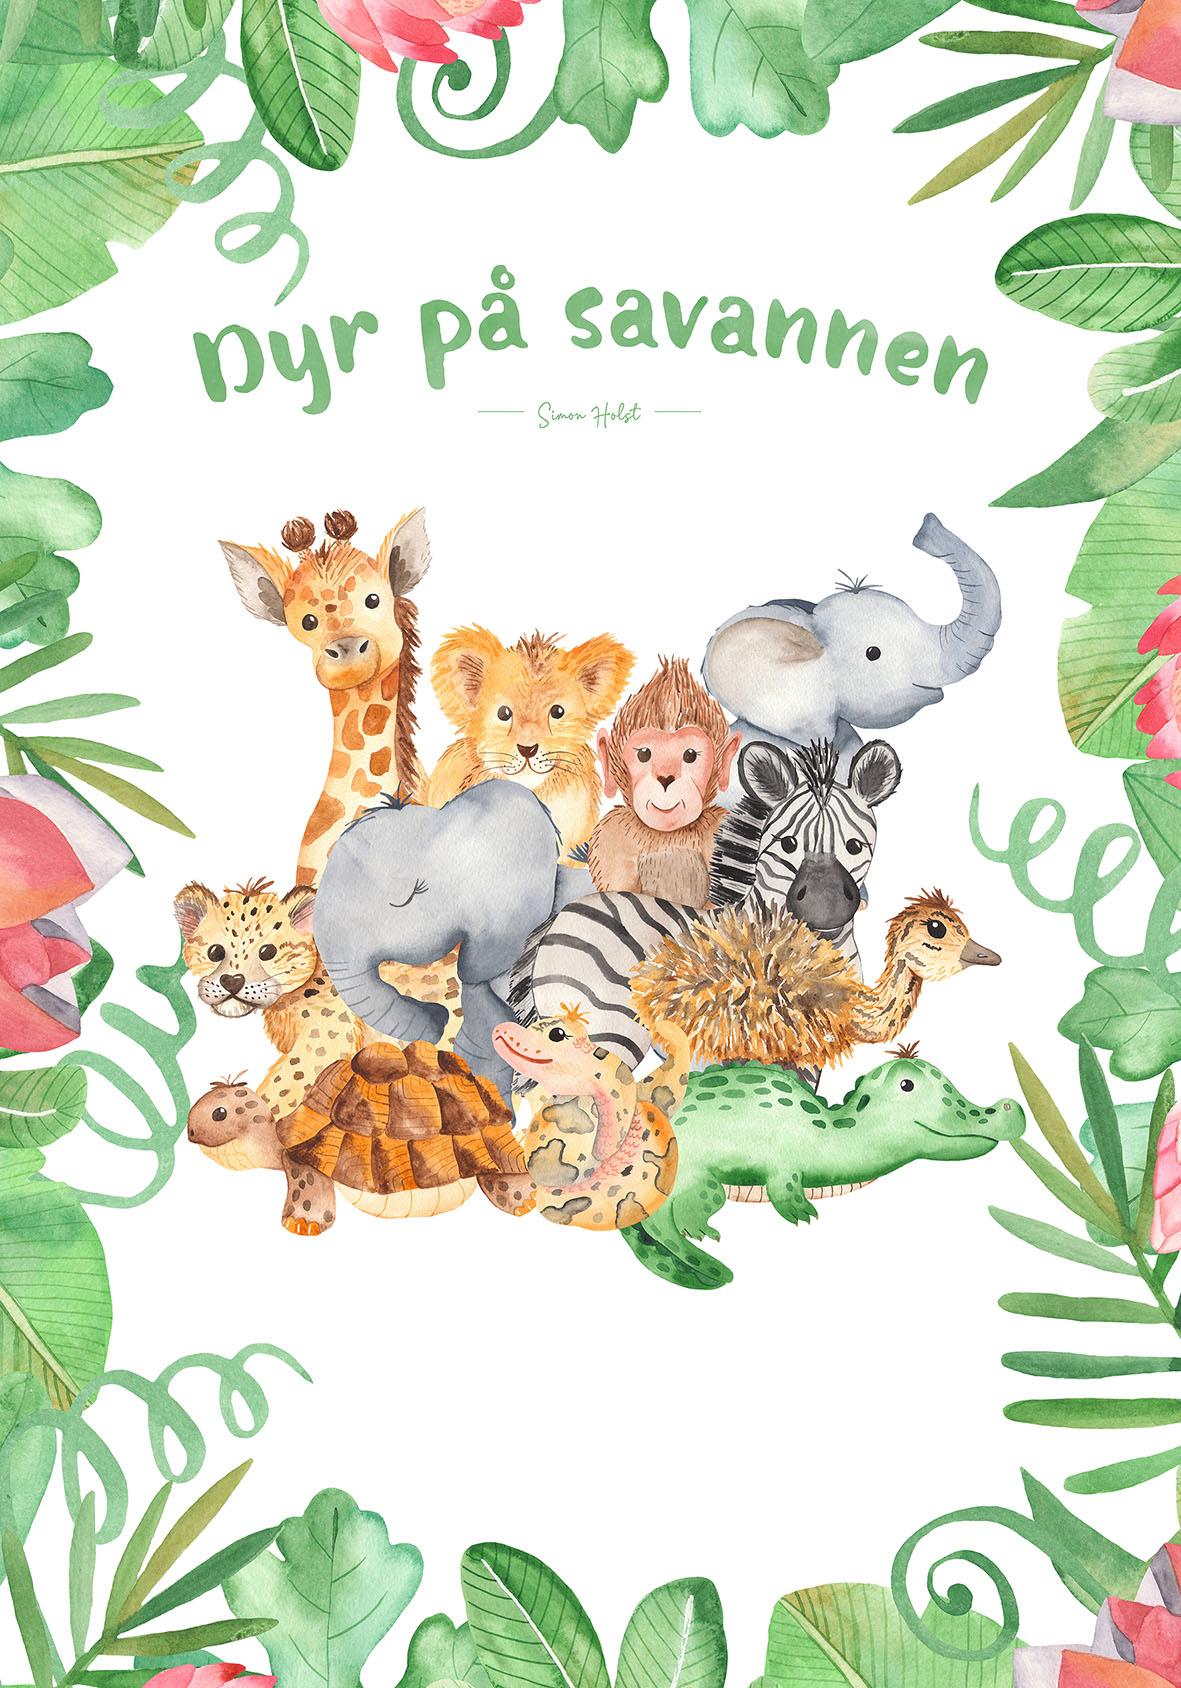 Dyr på savannen kort